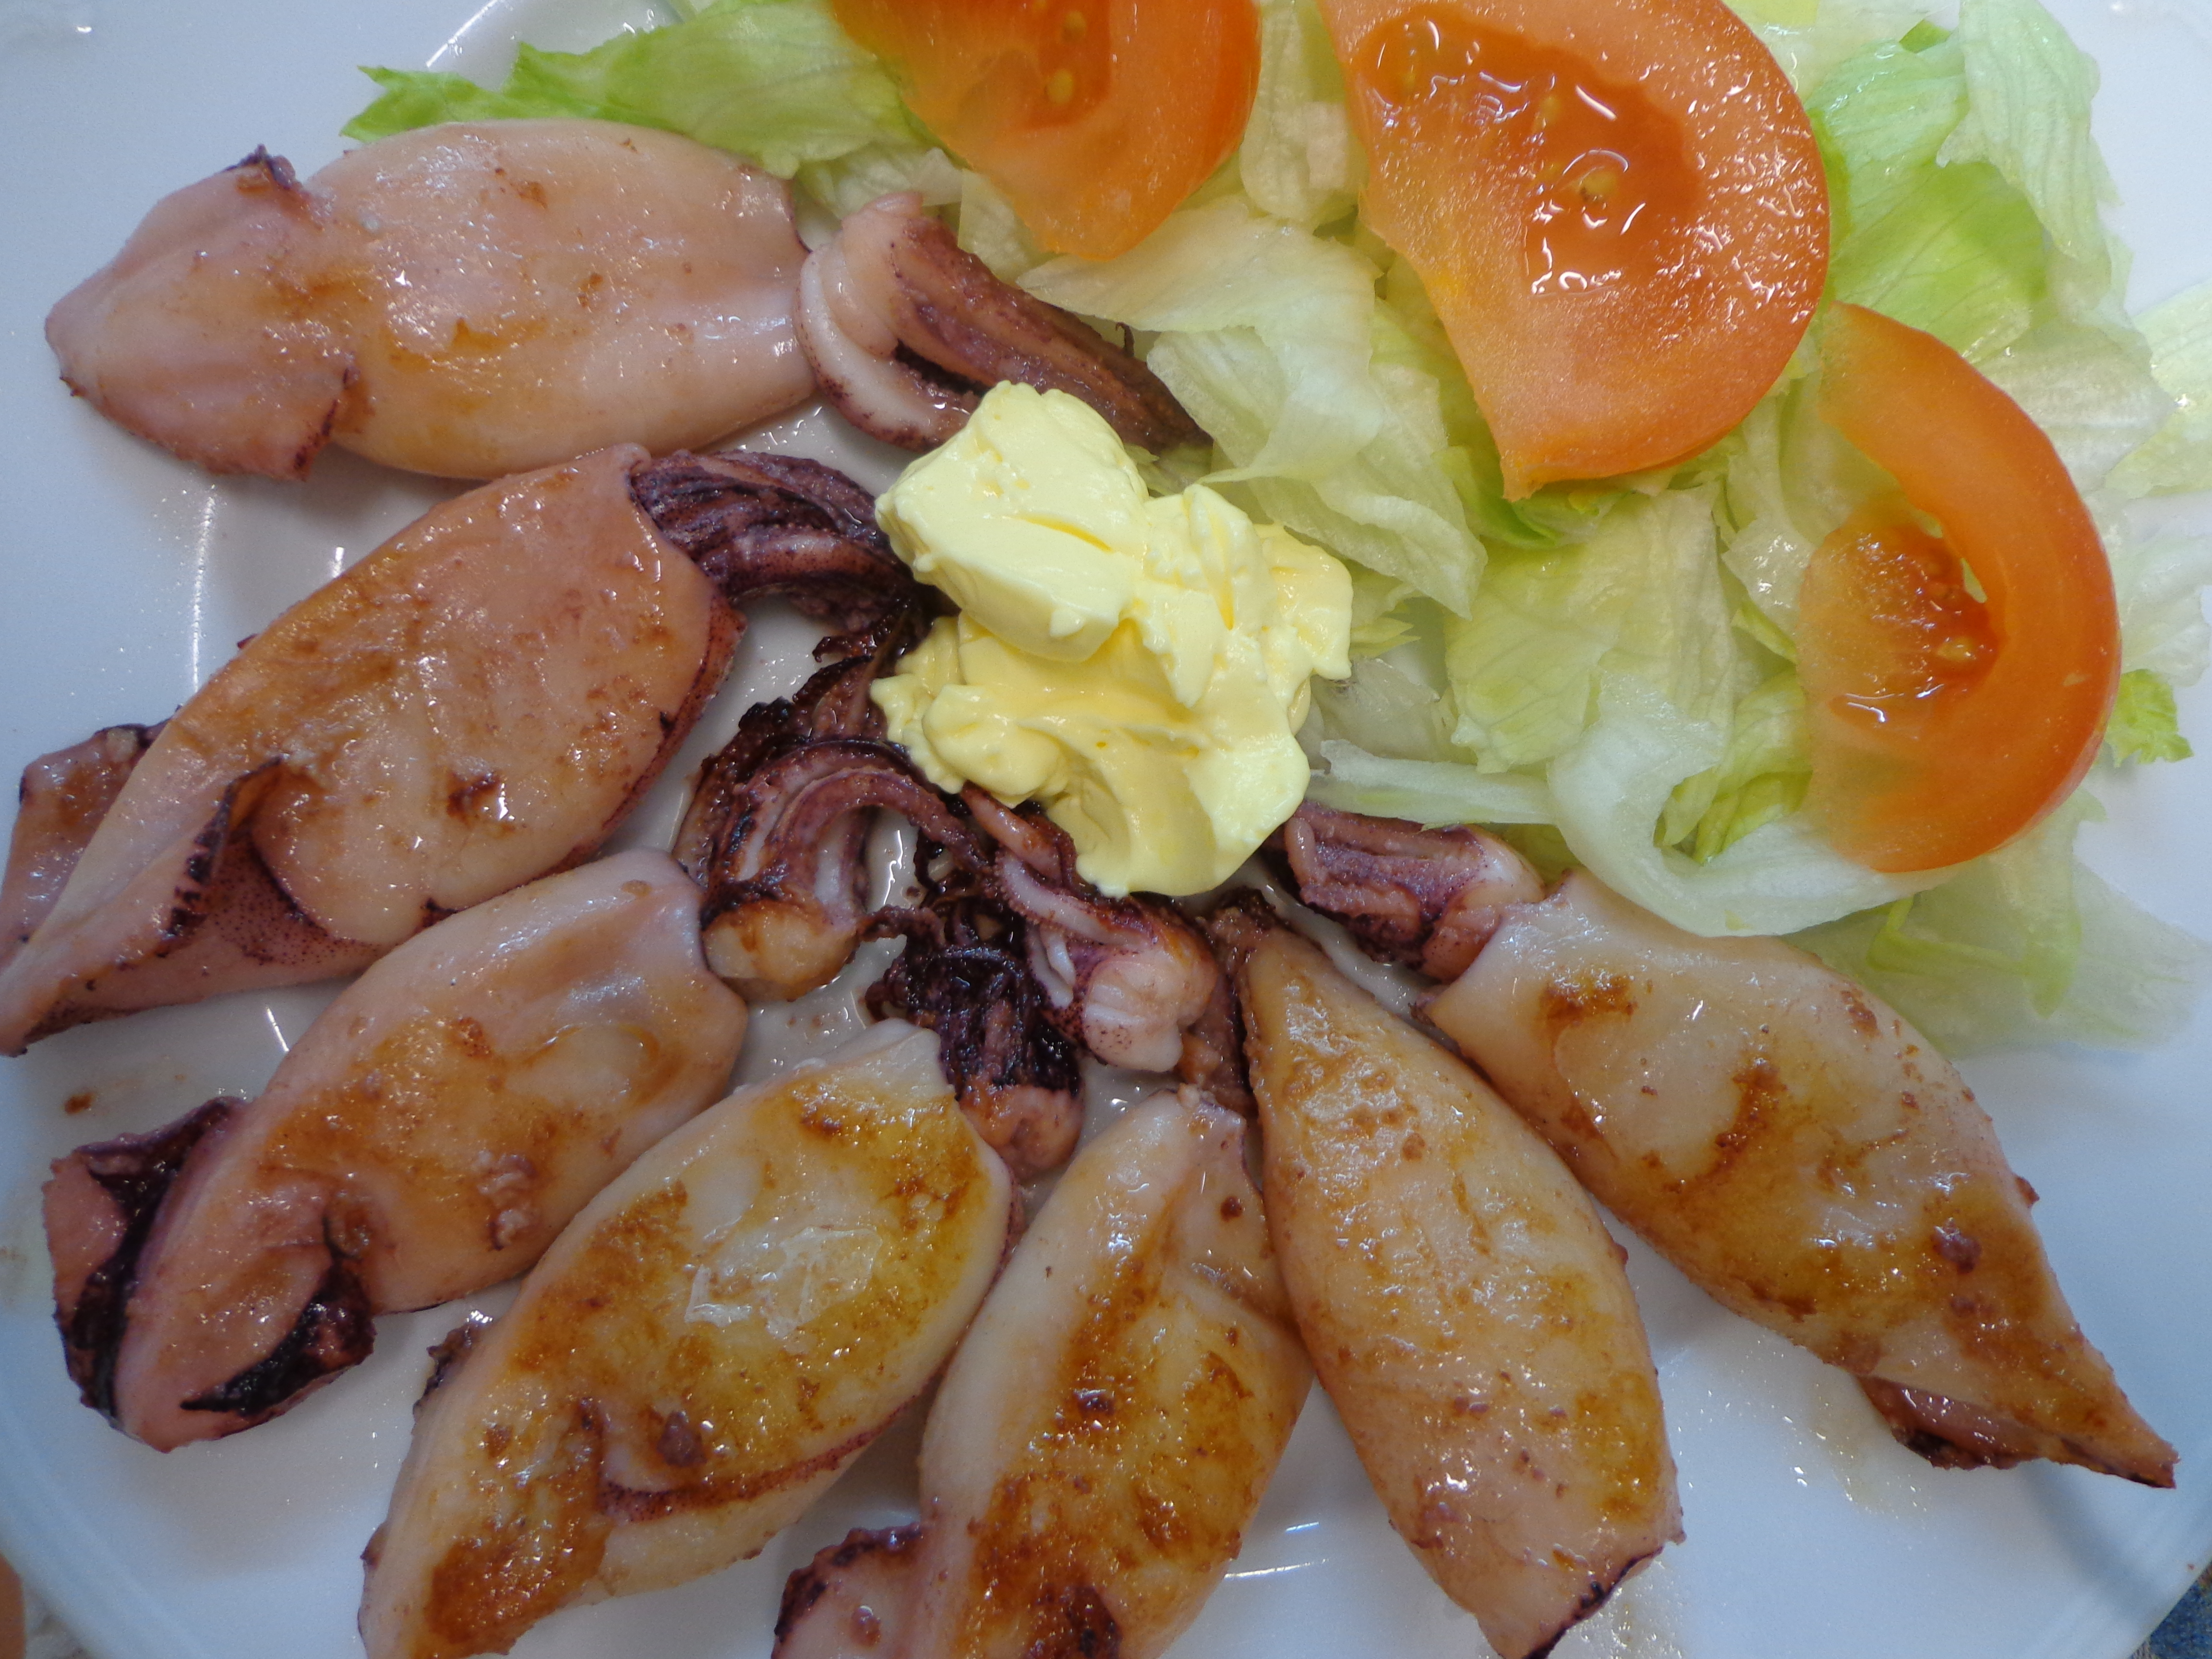 Calamares a la plancha las recetas de lola for Cocinar calamares pequenos